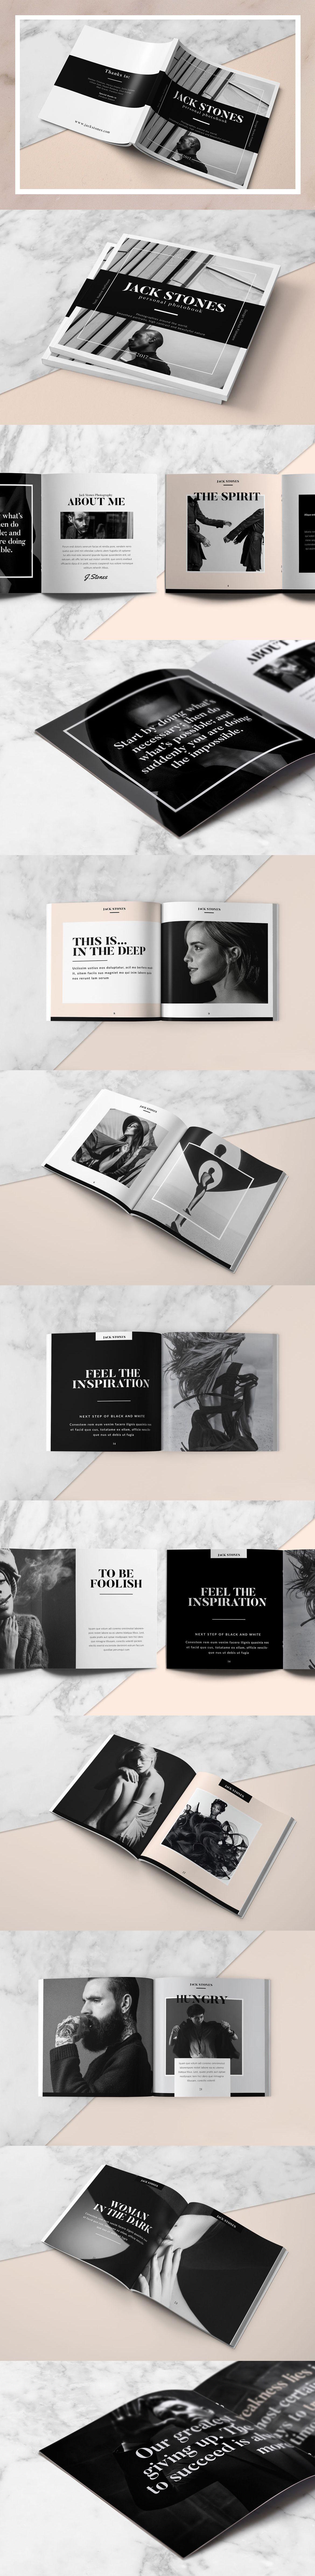 Square Portfolio Book 24 Pages Tempalte InDesign INDD | Portfolio ...